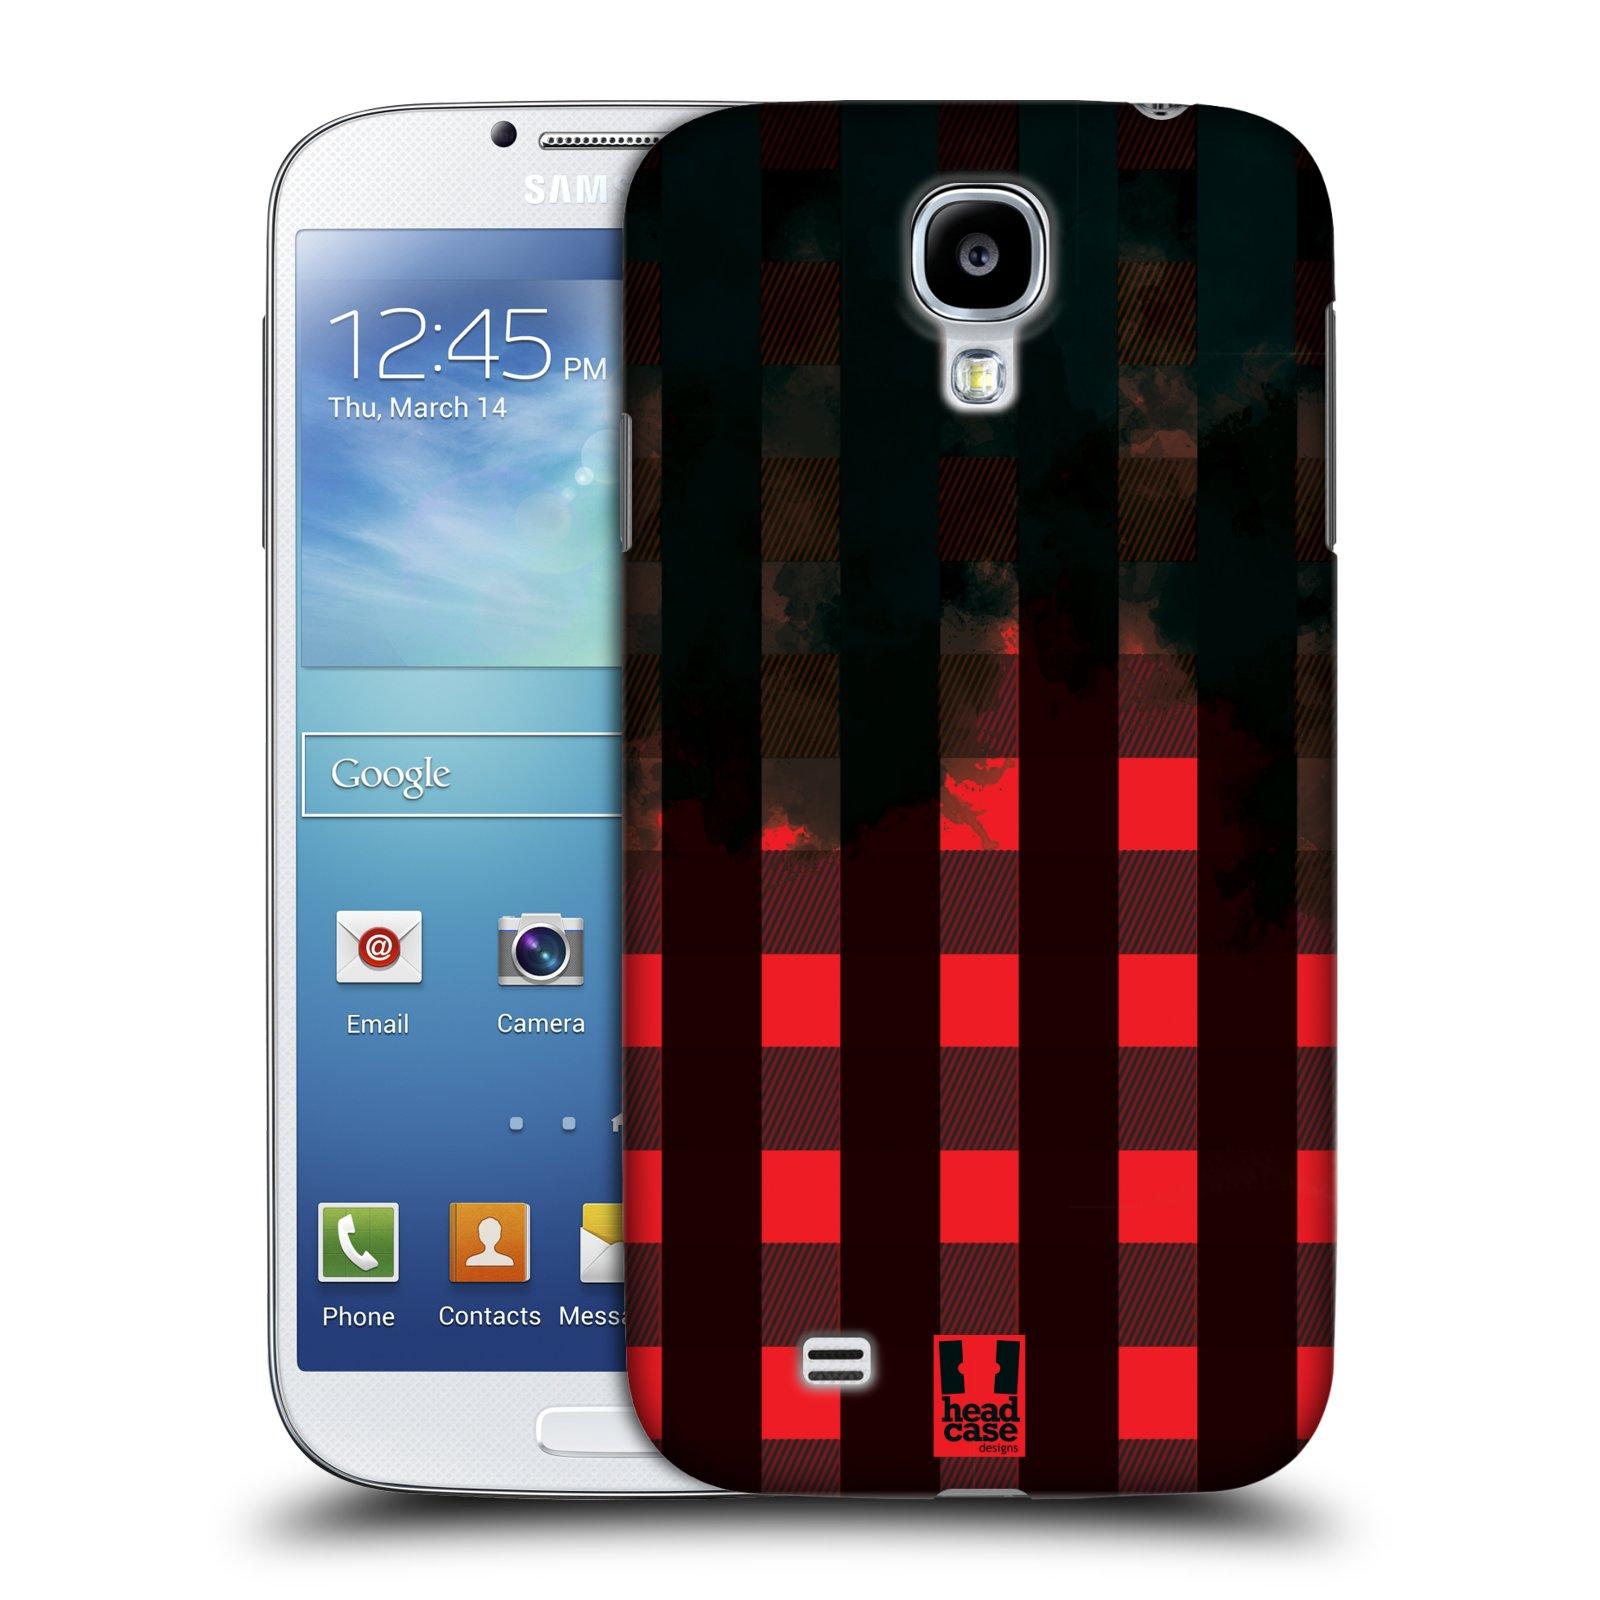 Plastové pouzdro na mobil Samsung Galaxy S4 HEAD CASE FLANEL RED BLACK (Kryt či obal na mobilní telefon Samsung Galaxy S4 GT-i9505 / i9500)